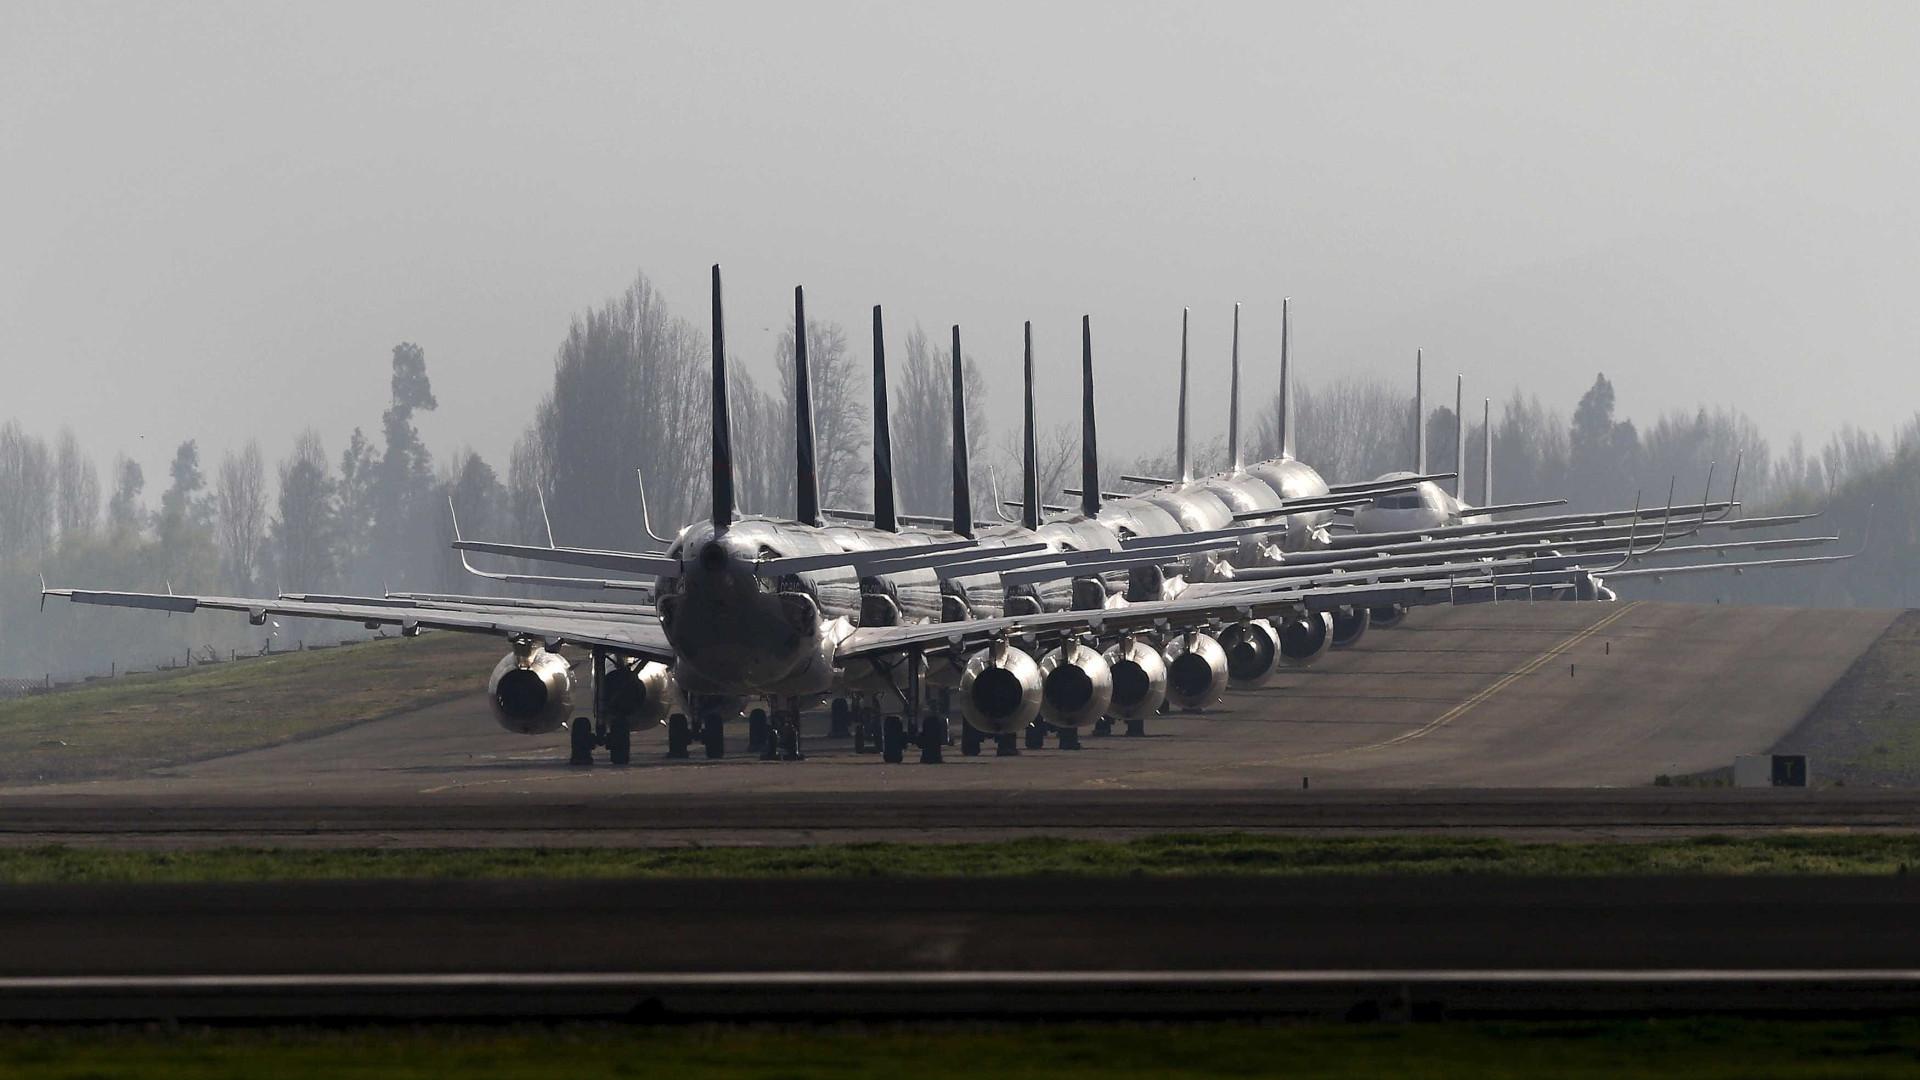 Taxa de embarque nos aeroportos públicos fica mais cara